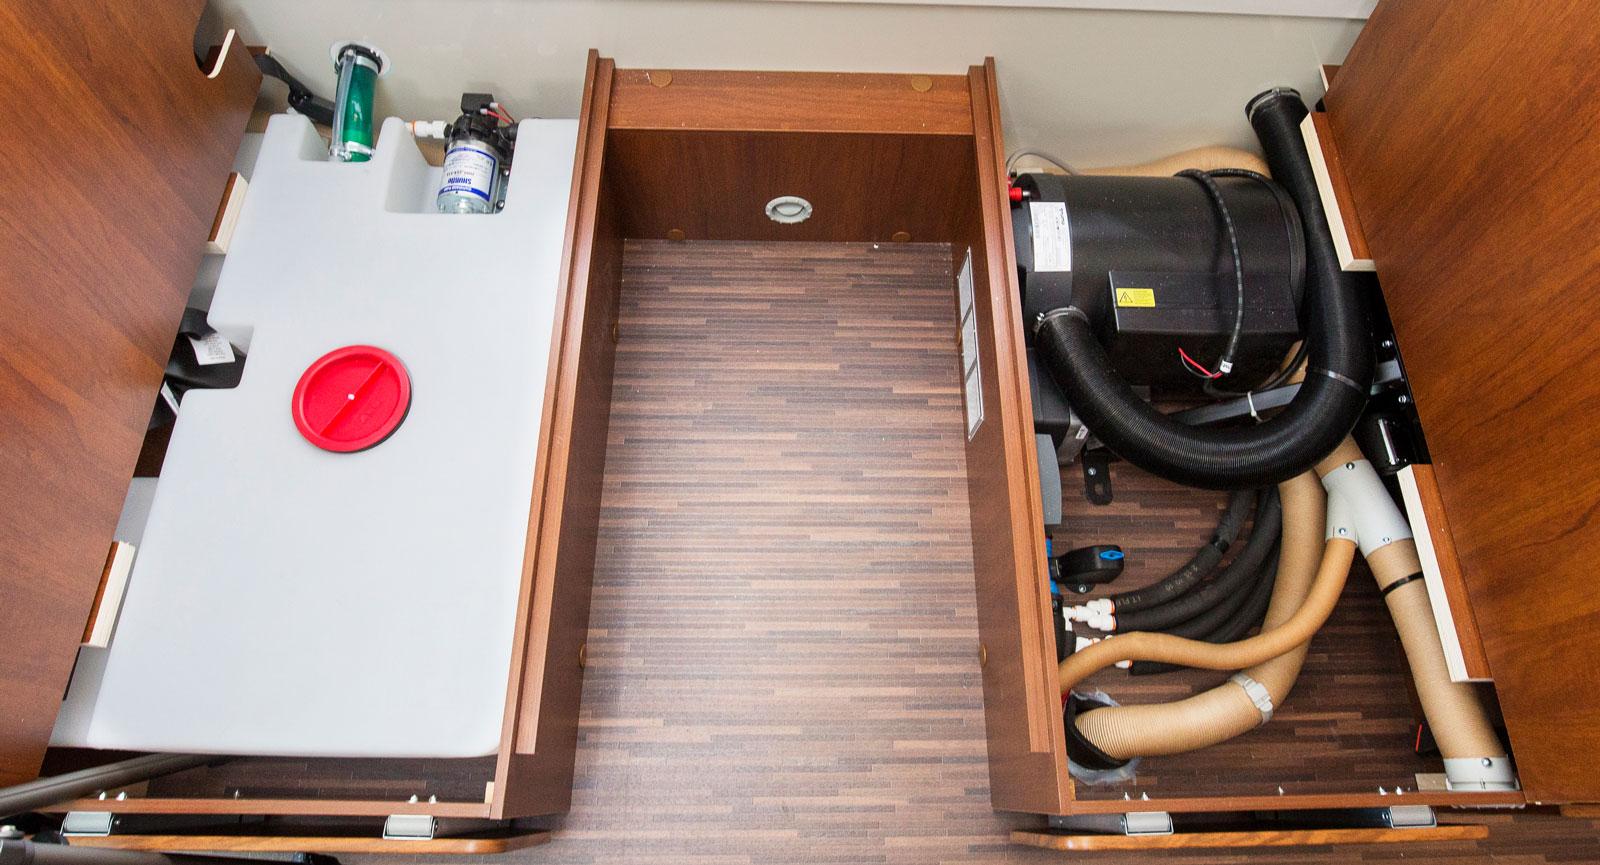 Vattentanken under ena soffan och värmepannan under den andra. Här är det den stora sektionen av dinetten som syns.